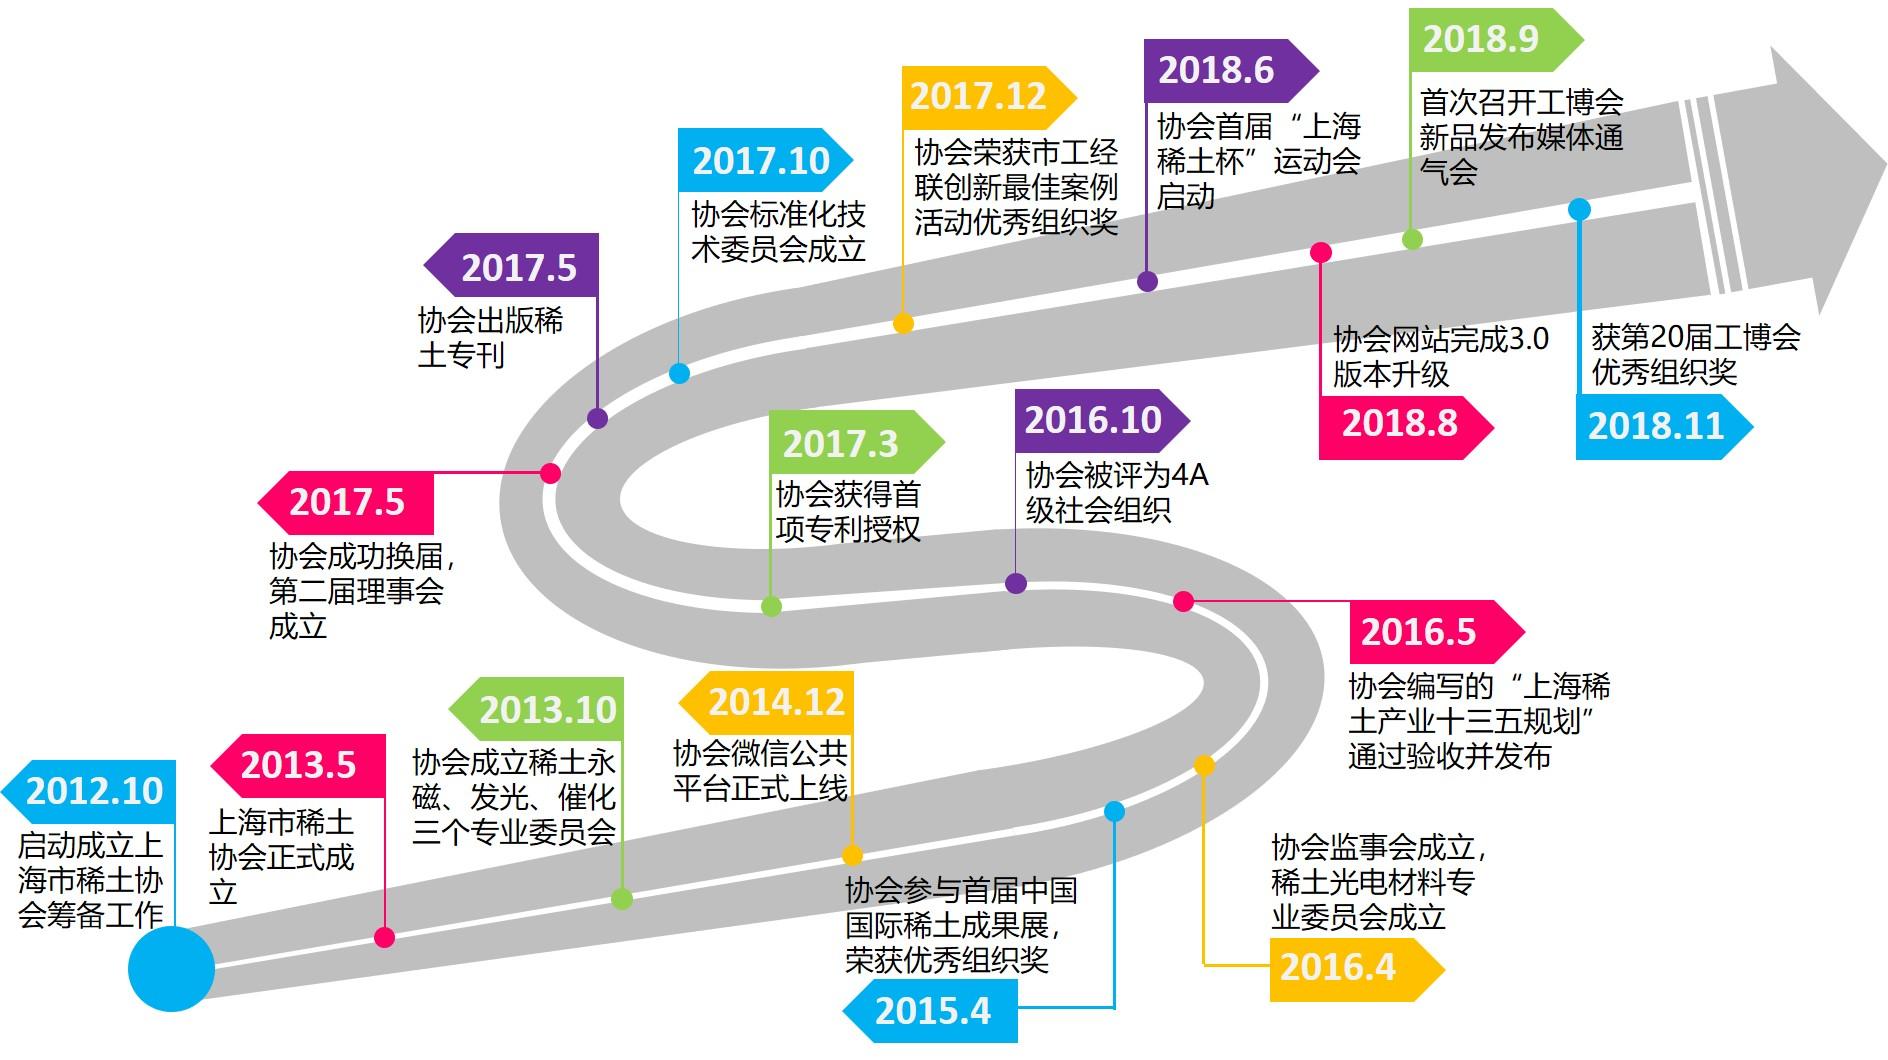 上海市必威官网登录必威betway官方网站首页发展历程大事记